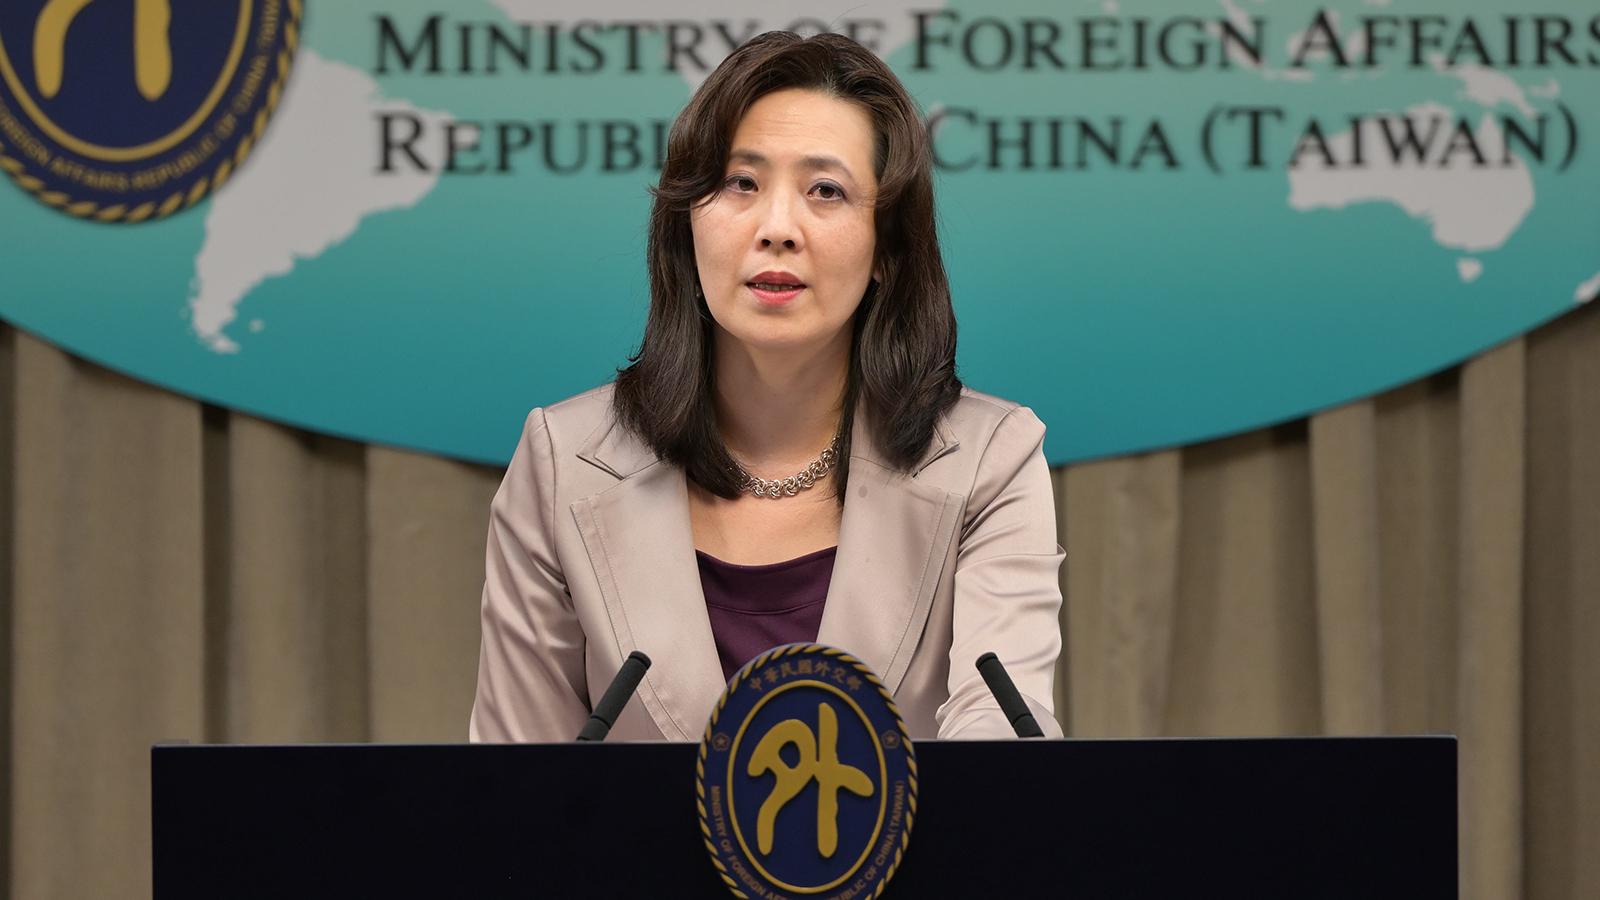 台湾外交部发言人欧江安对于美国总统拜登以及美国政府再度明确重申对台湾的安全承诺表达感谢。(RFA资料照)